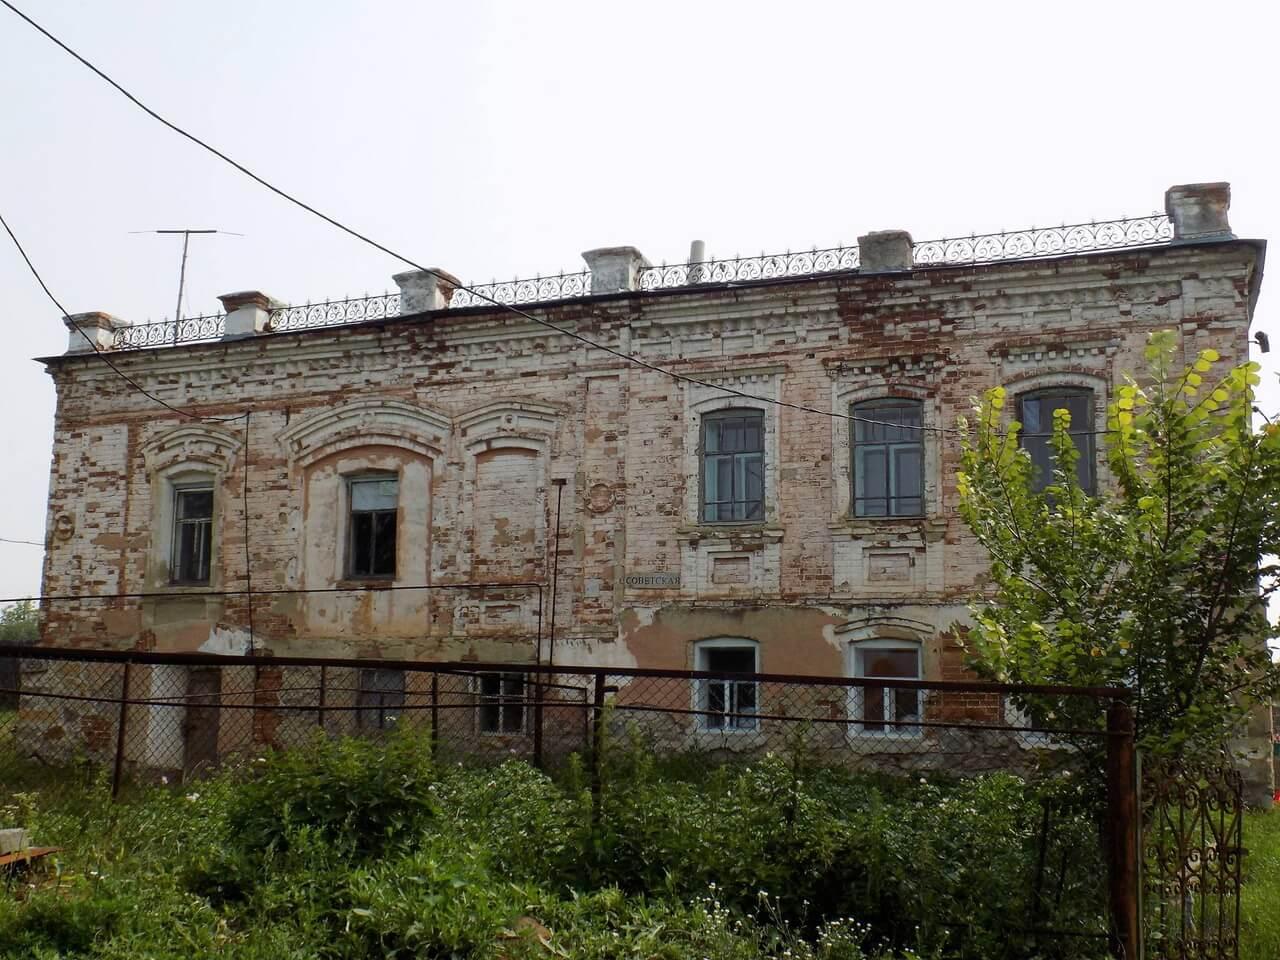 Село Кочкарь, Челябинская область